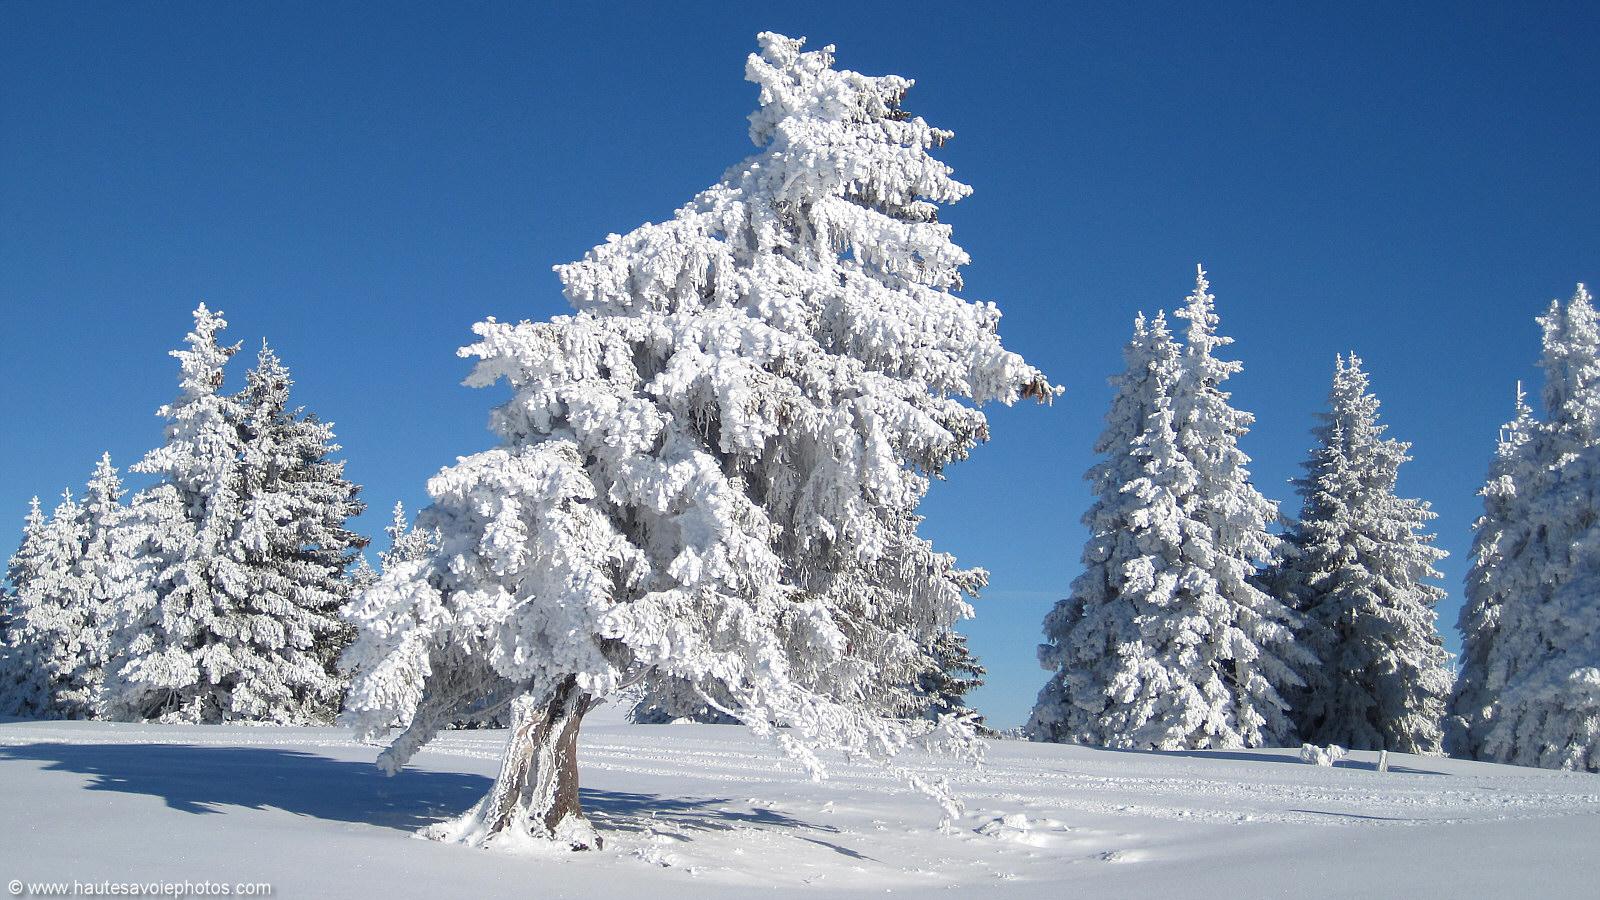 Fond D'écran En 1600x900 D'un Paysage Avec Des Sapins Sous La Neige à -12°c En Décembre 2010 Au